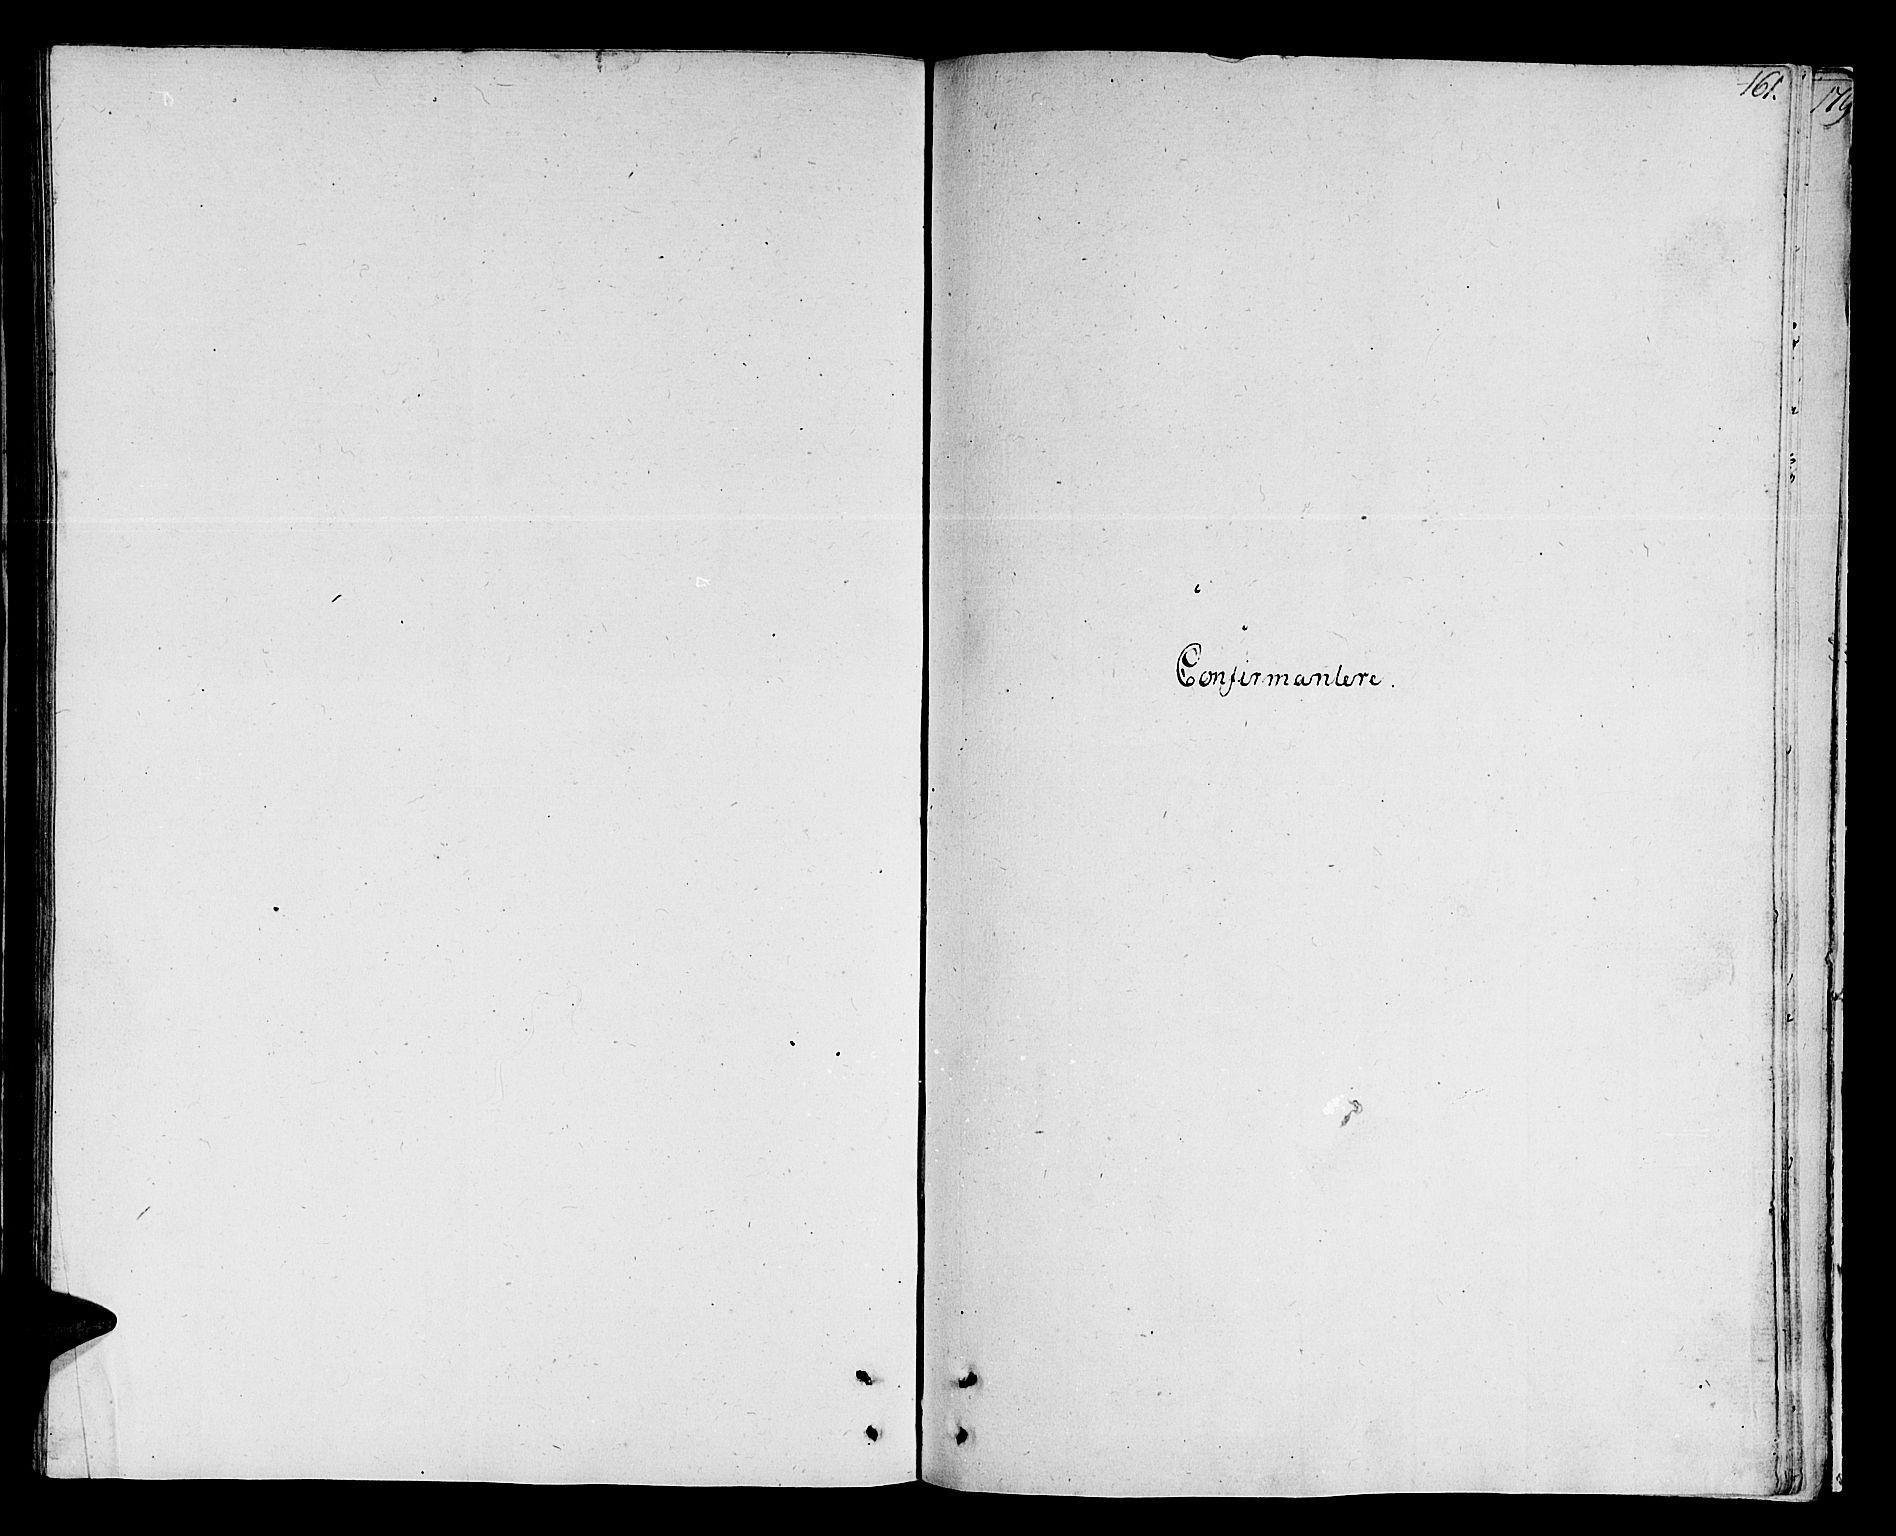 SAT, Ministerialprotokoller, klokkerbøker og fødselsregistre - Sør-Trøndelag, 678/L0894: Ministerialbok nr. 678A04, 1806-1815, s. 161